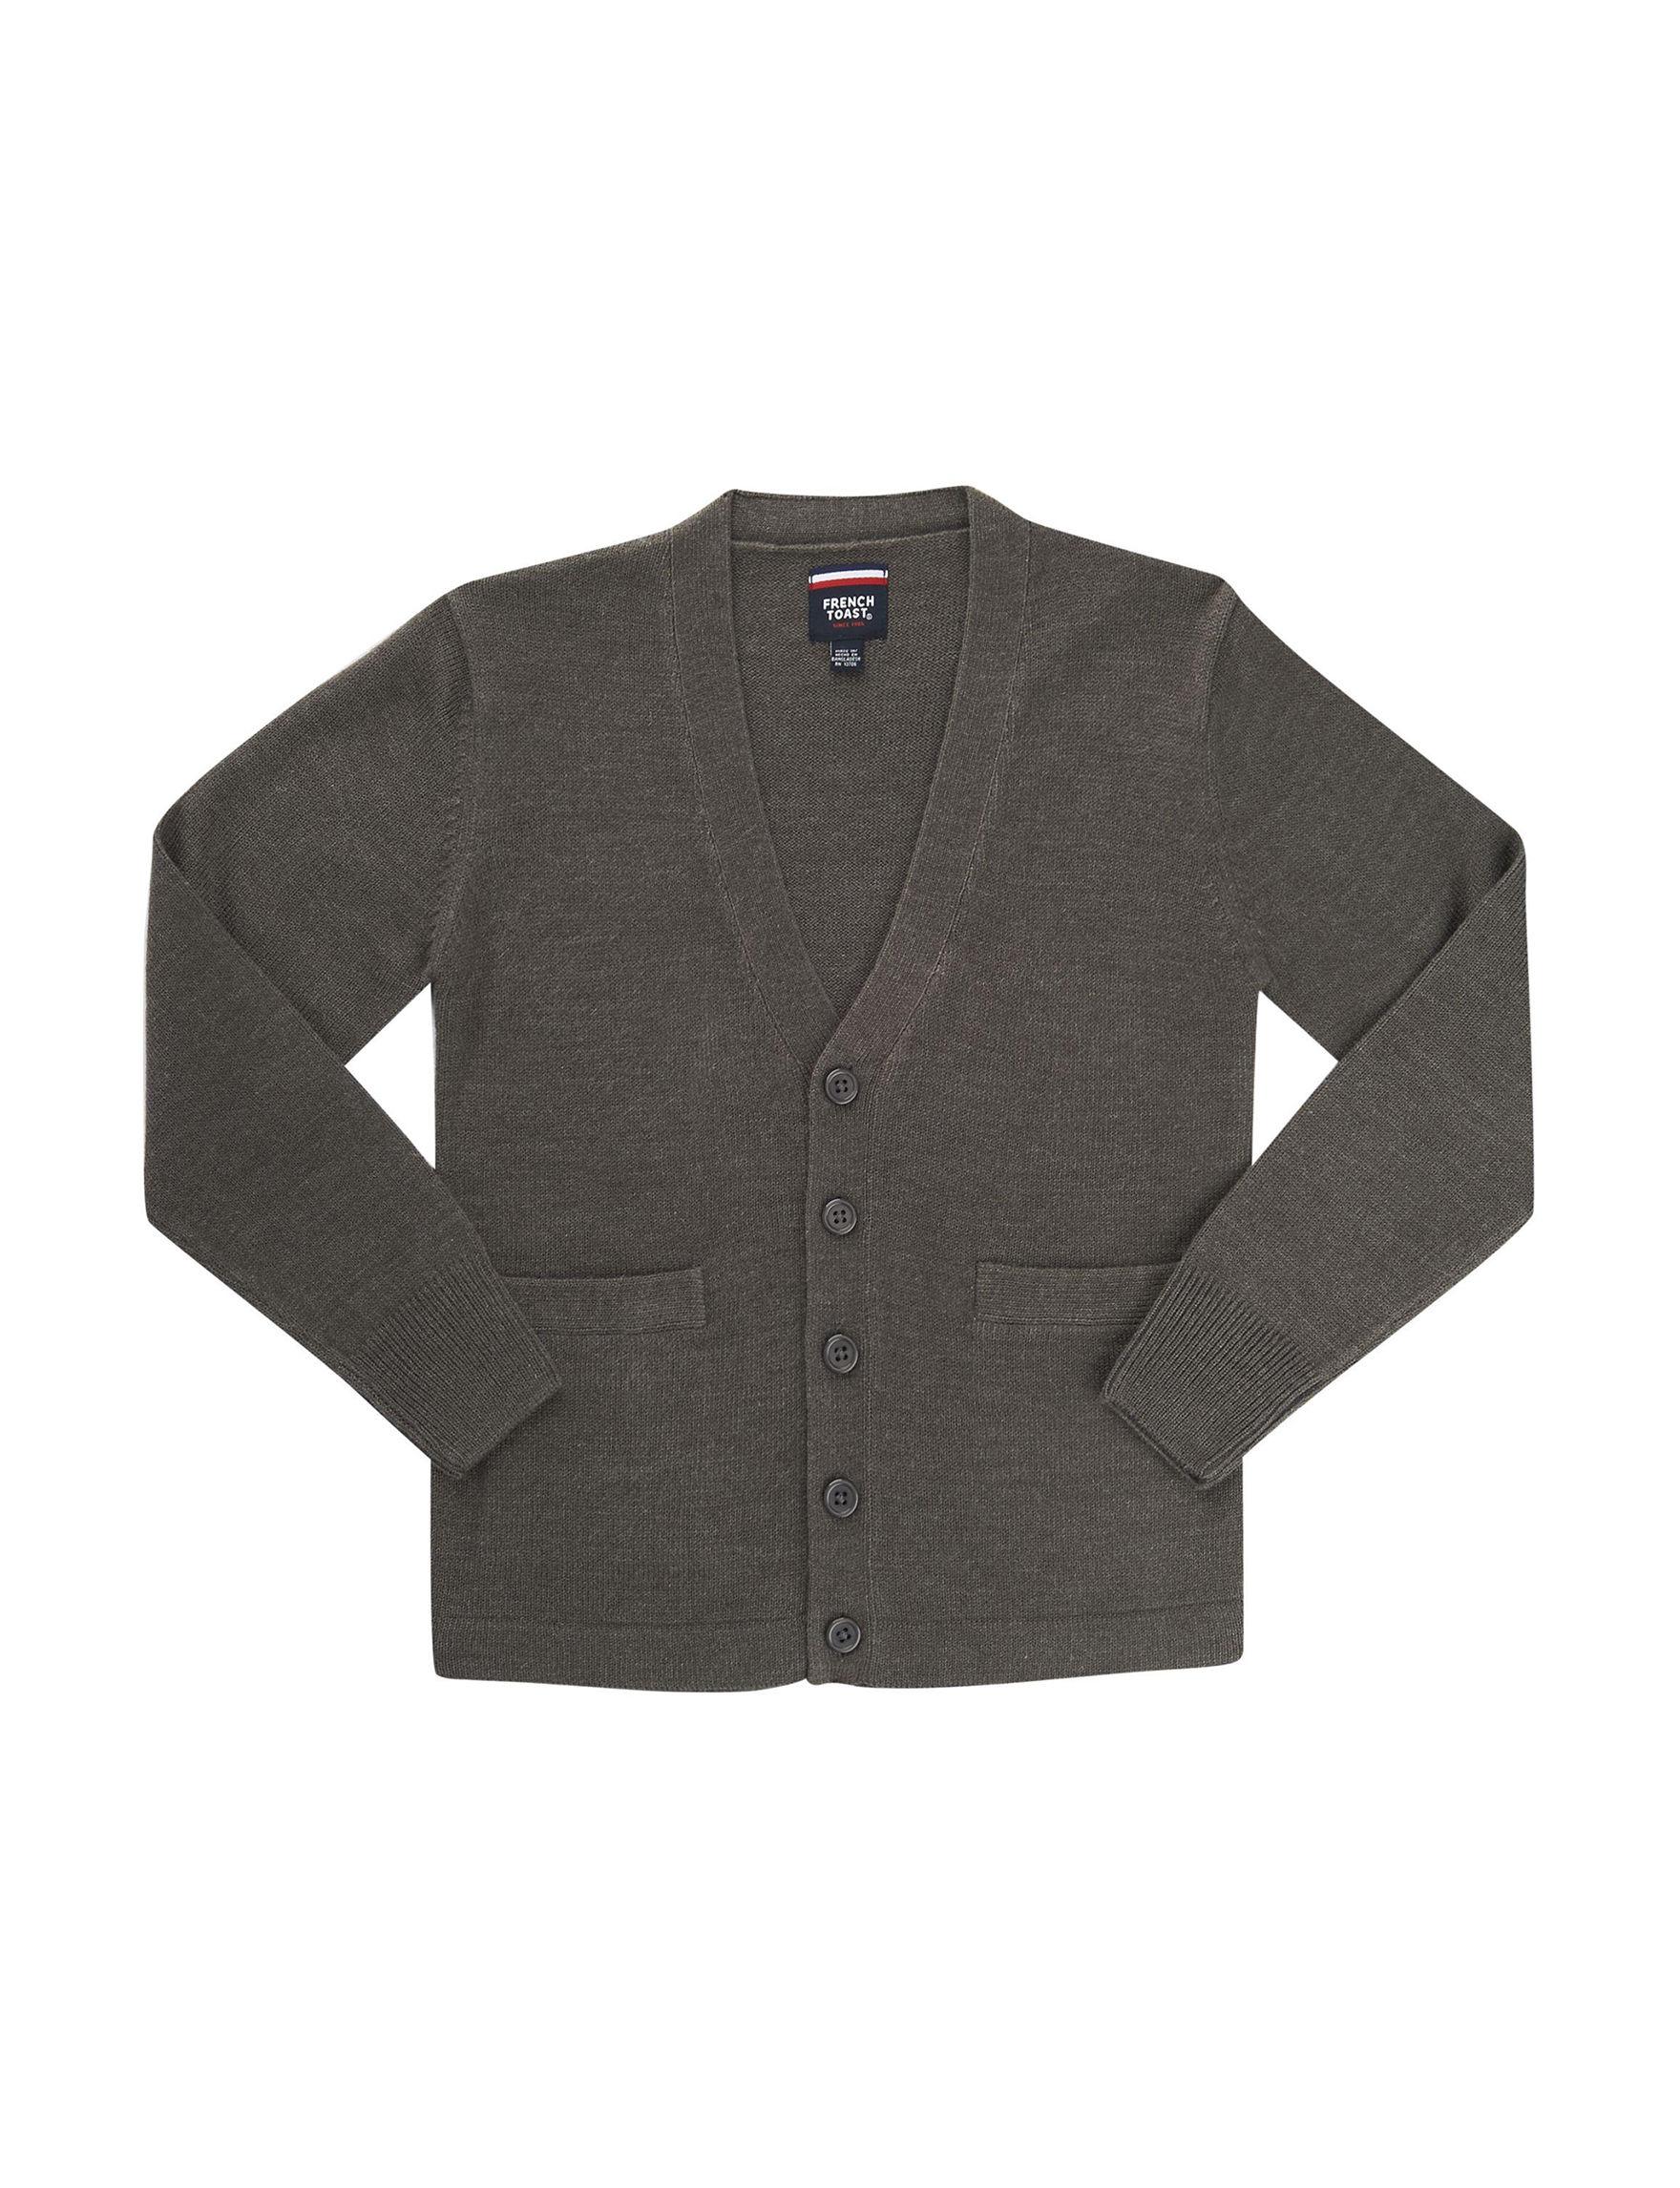 French Toast Grey Lightweight Jackets & Blazers